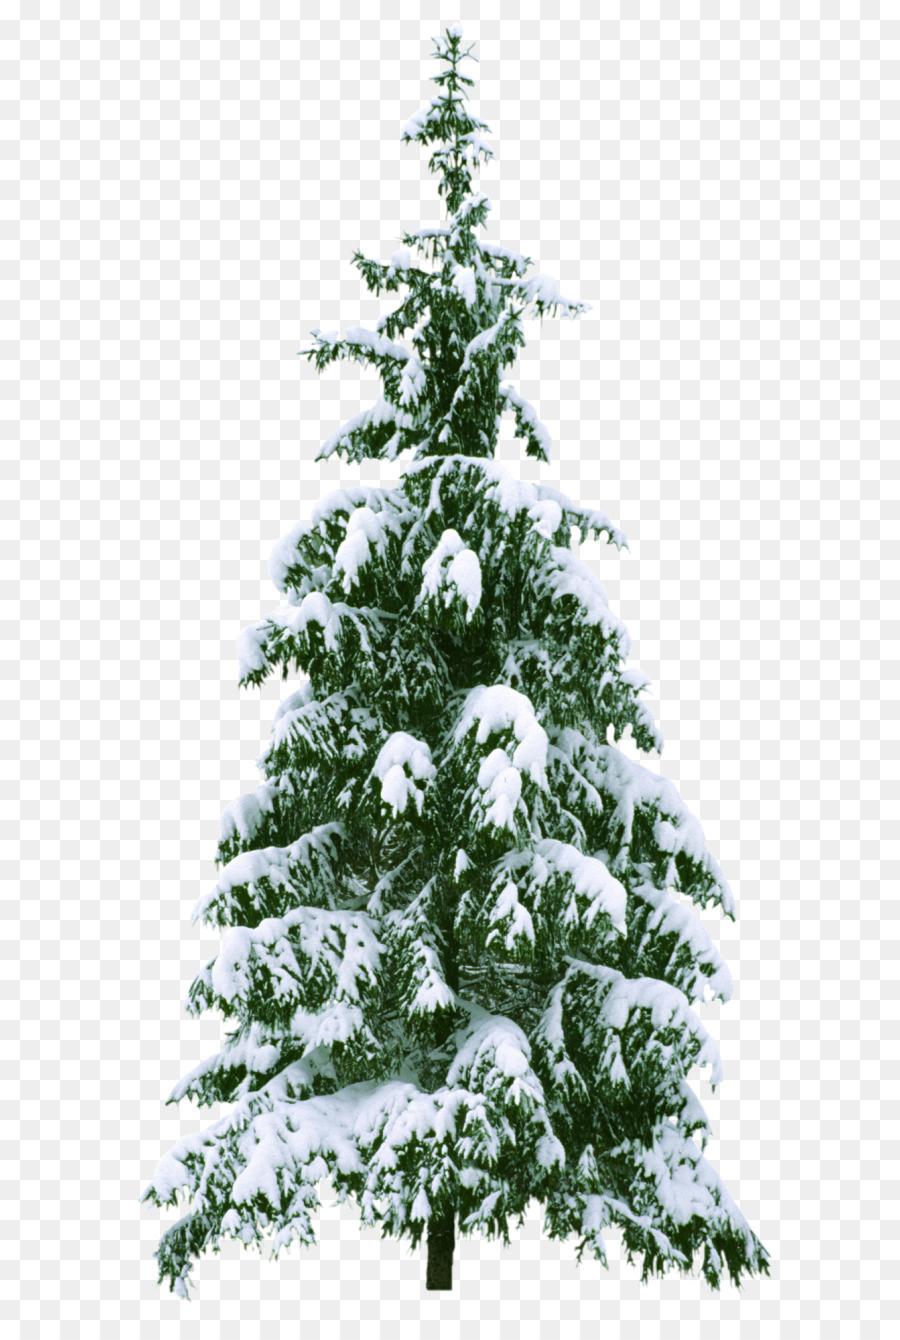 Weihnachtsbaum Tannenbaum - Weihnachtsbaum Png Herunterladen innen Tannenbaum Fotos Kostenlos